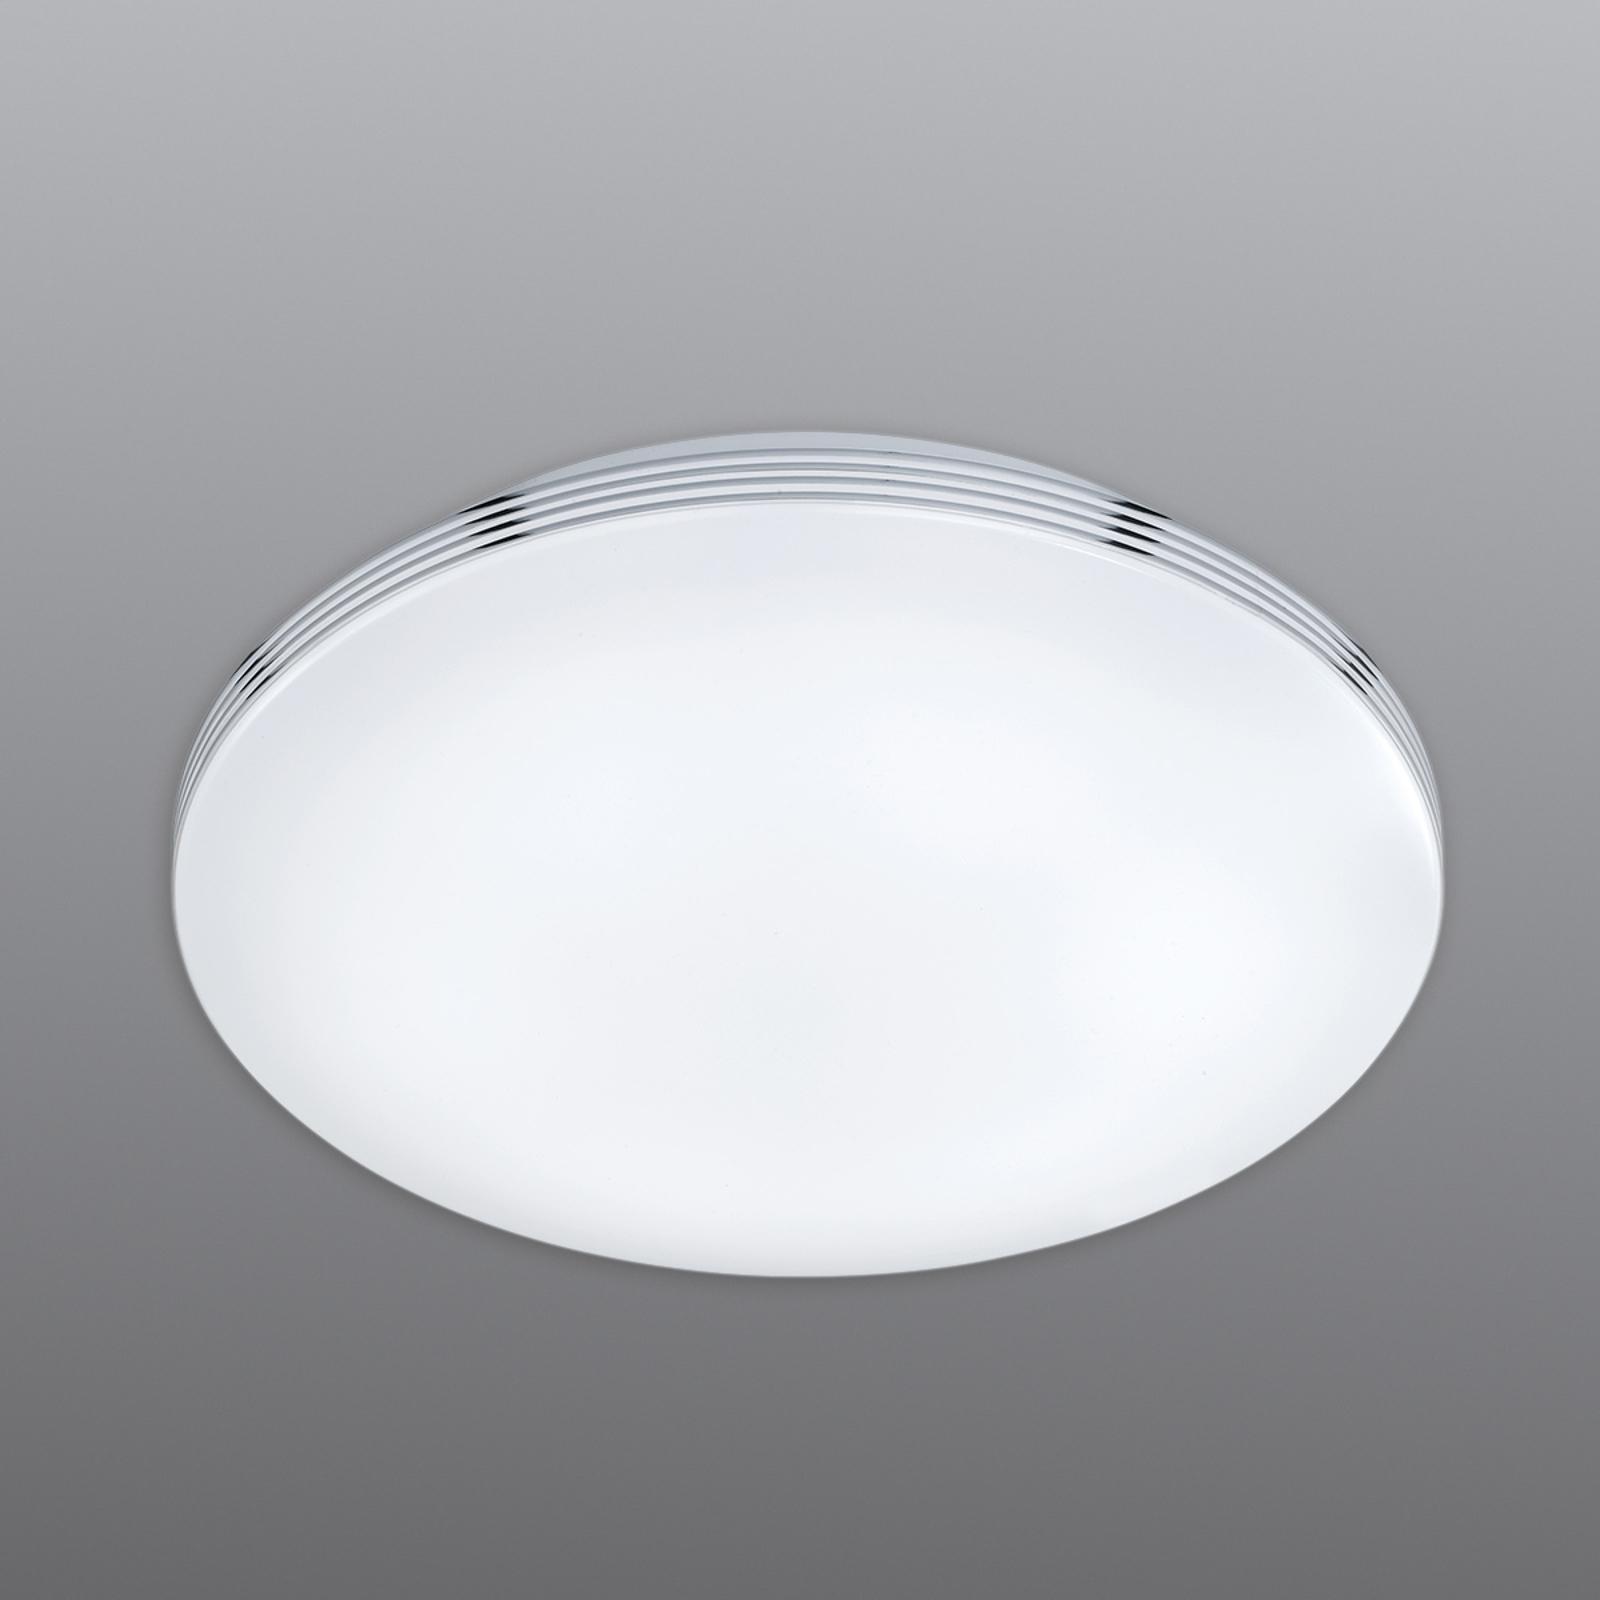 Koupelnové stropní světlo Apart s LED žárovkami